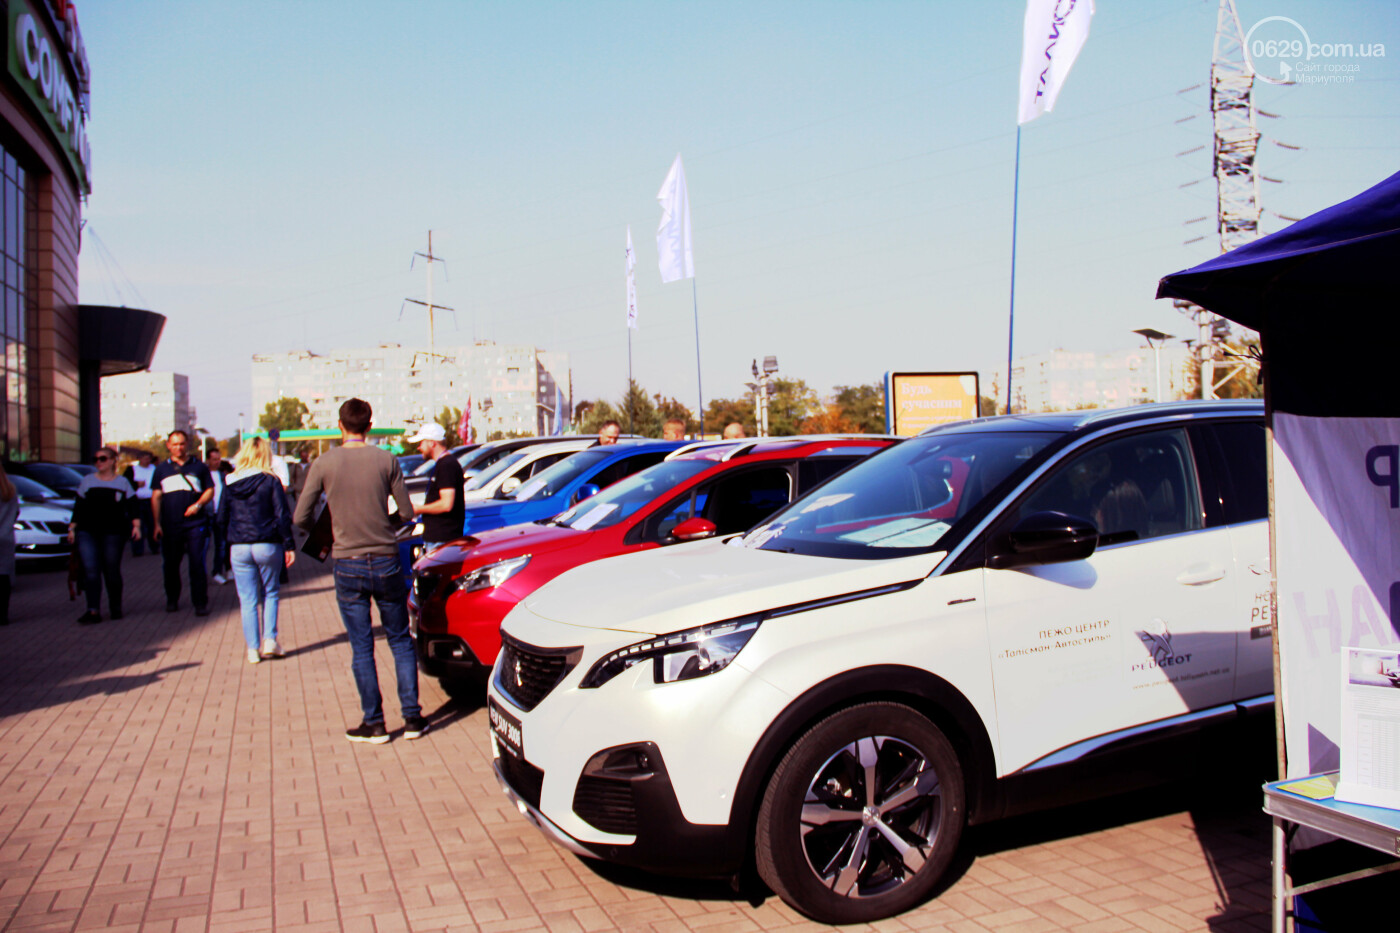 В городе Мариуполь, возле ТРЦ «ПортCity» состоялась выставка новых автомобилей брендов BMW, Mitsubishi и Peugeot, фото-5